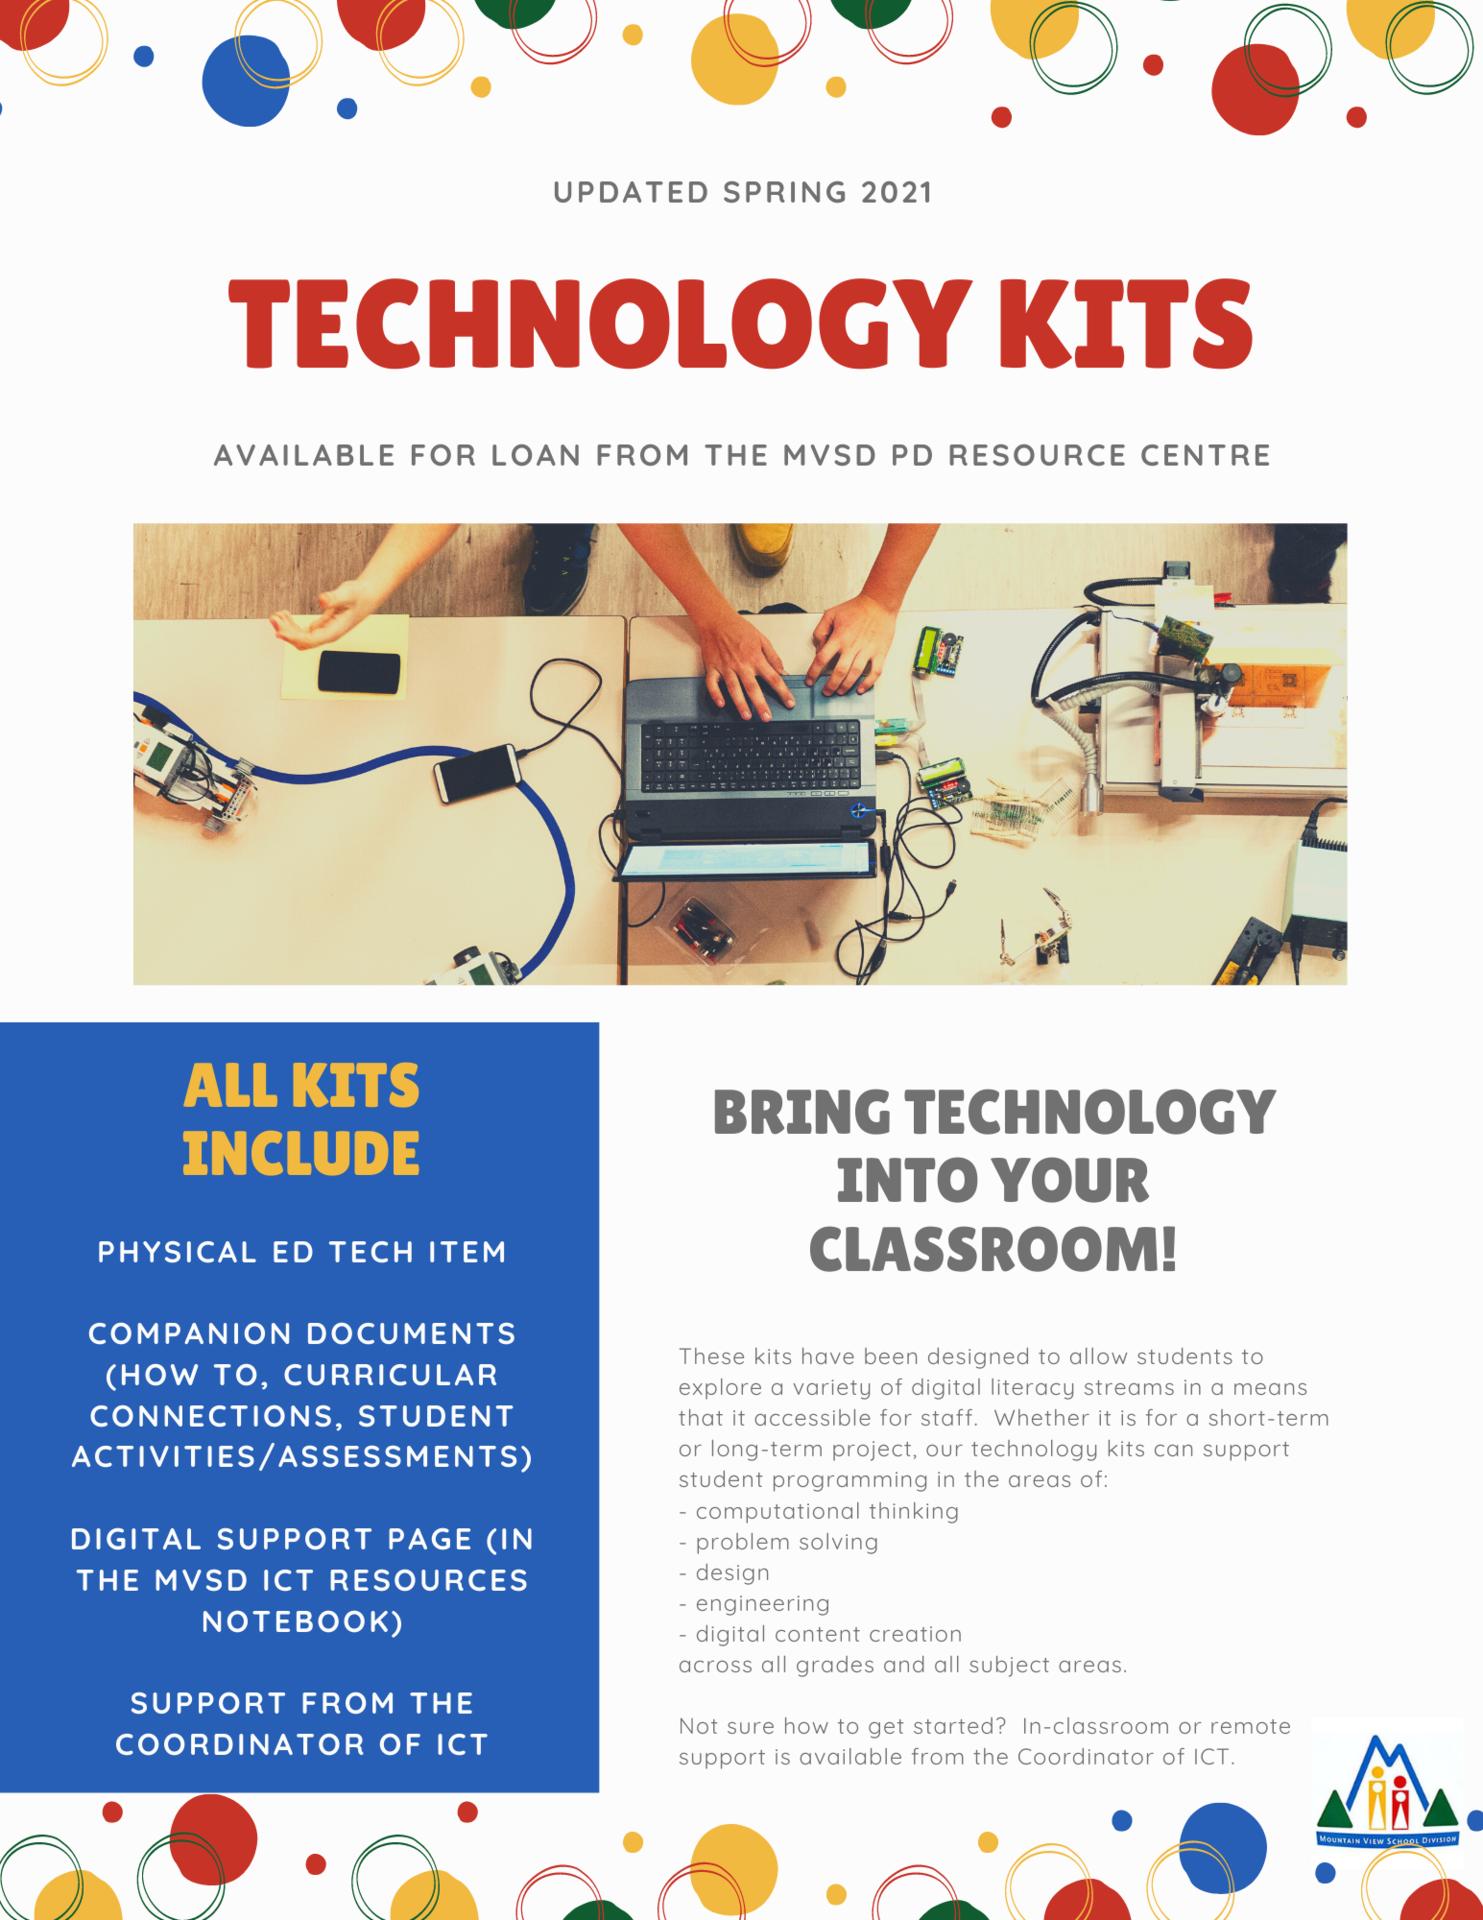 MVSD Technology Kits